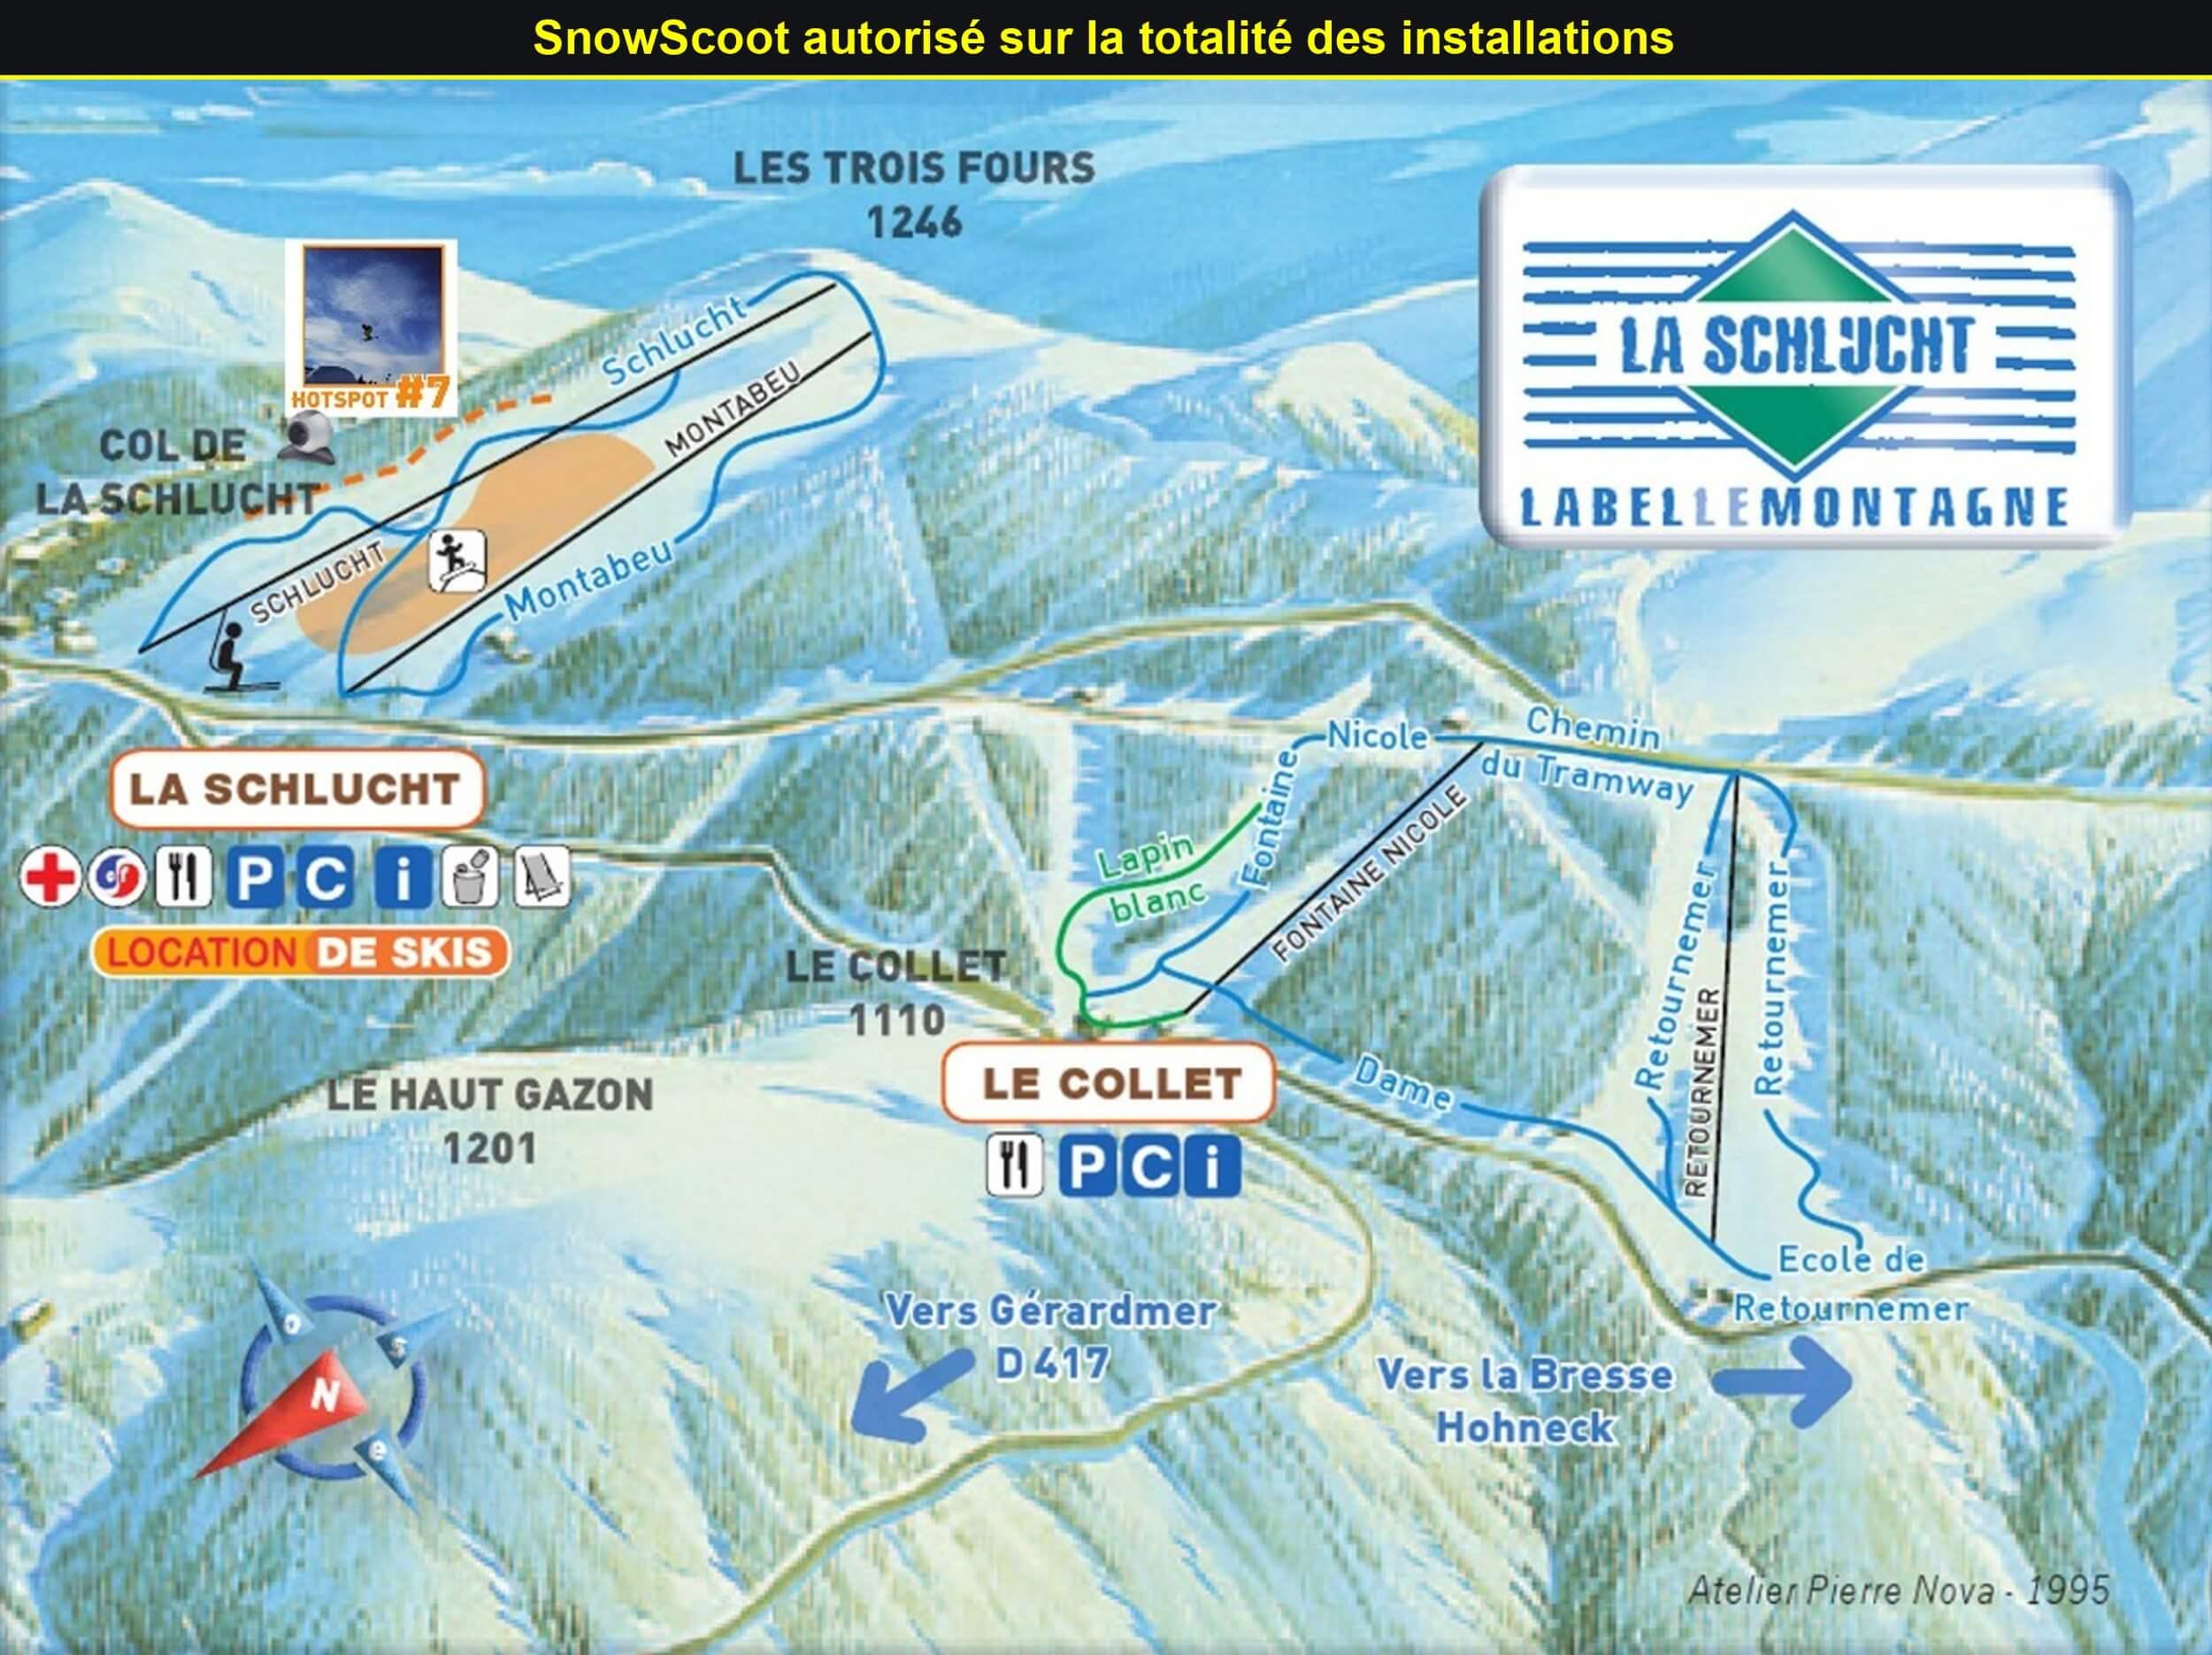 88 - La Schlucht. Snows_36